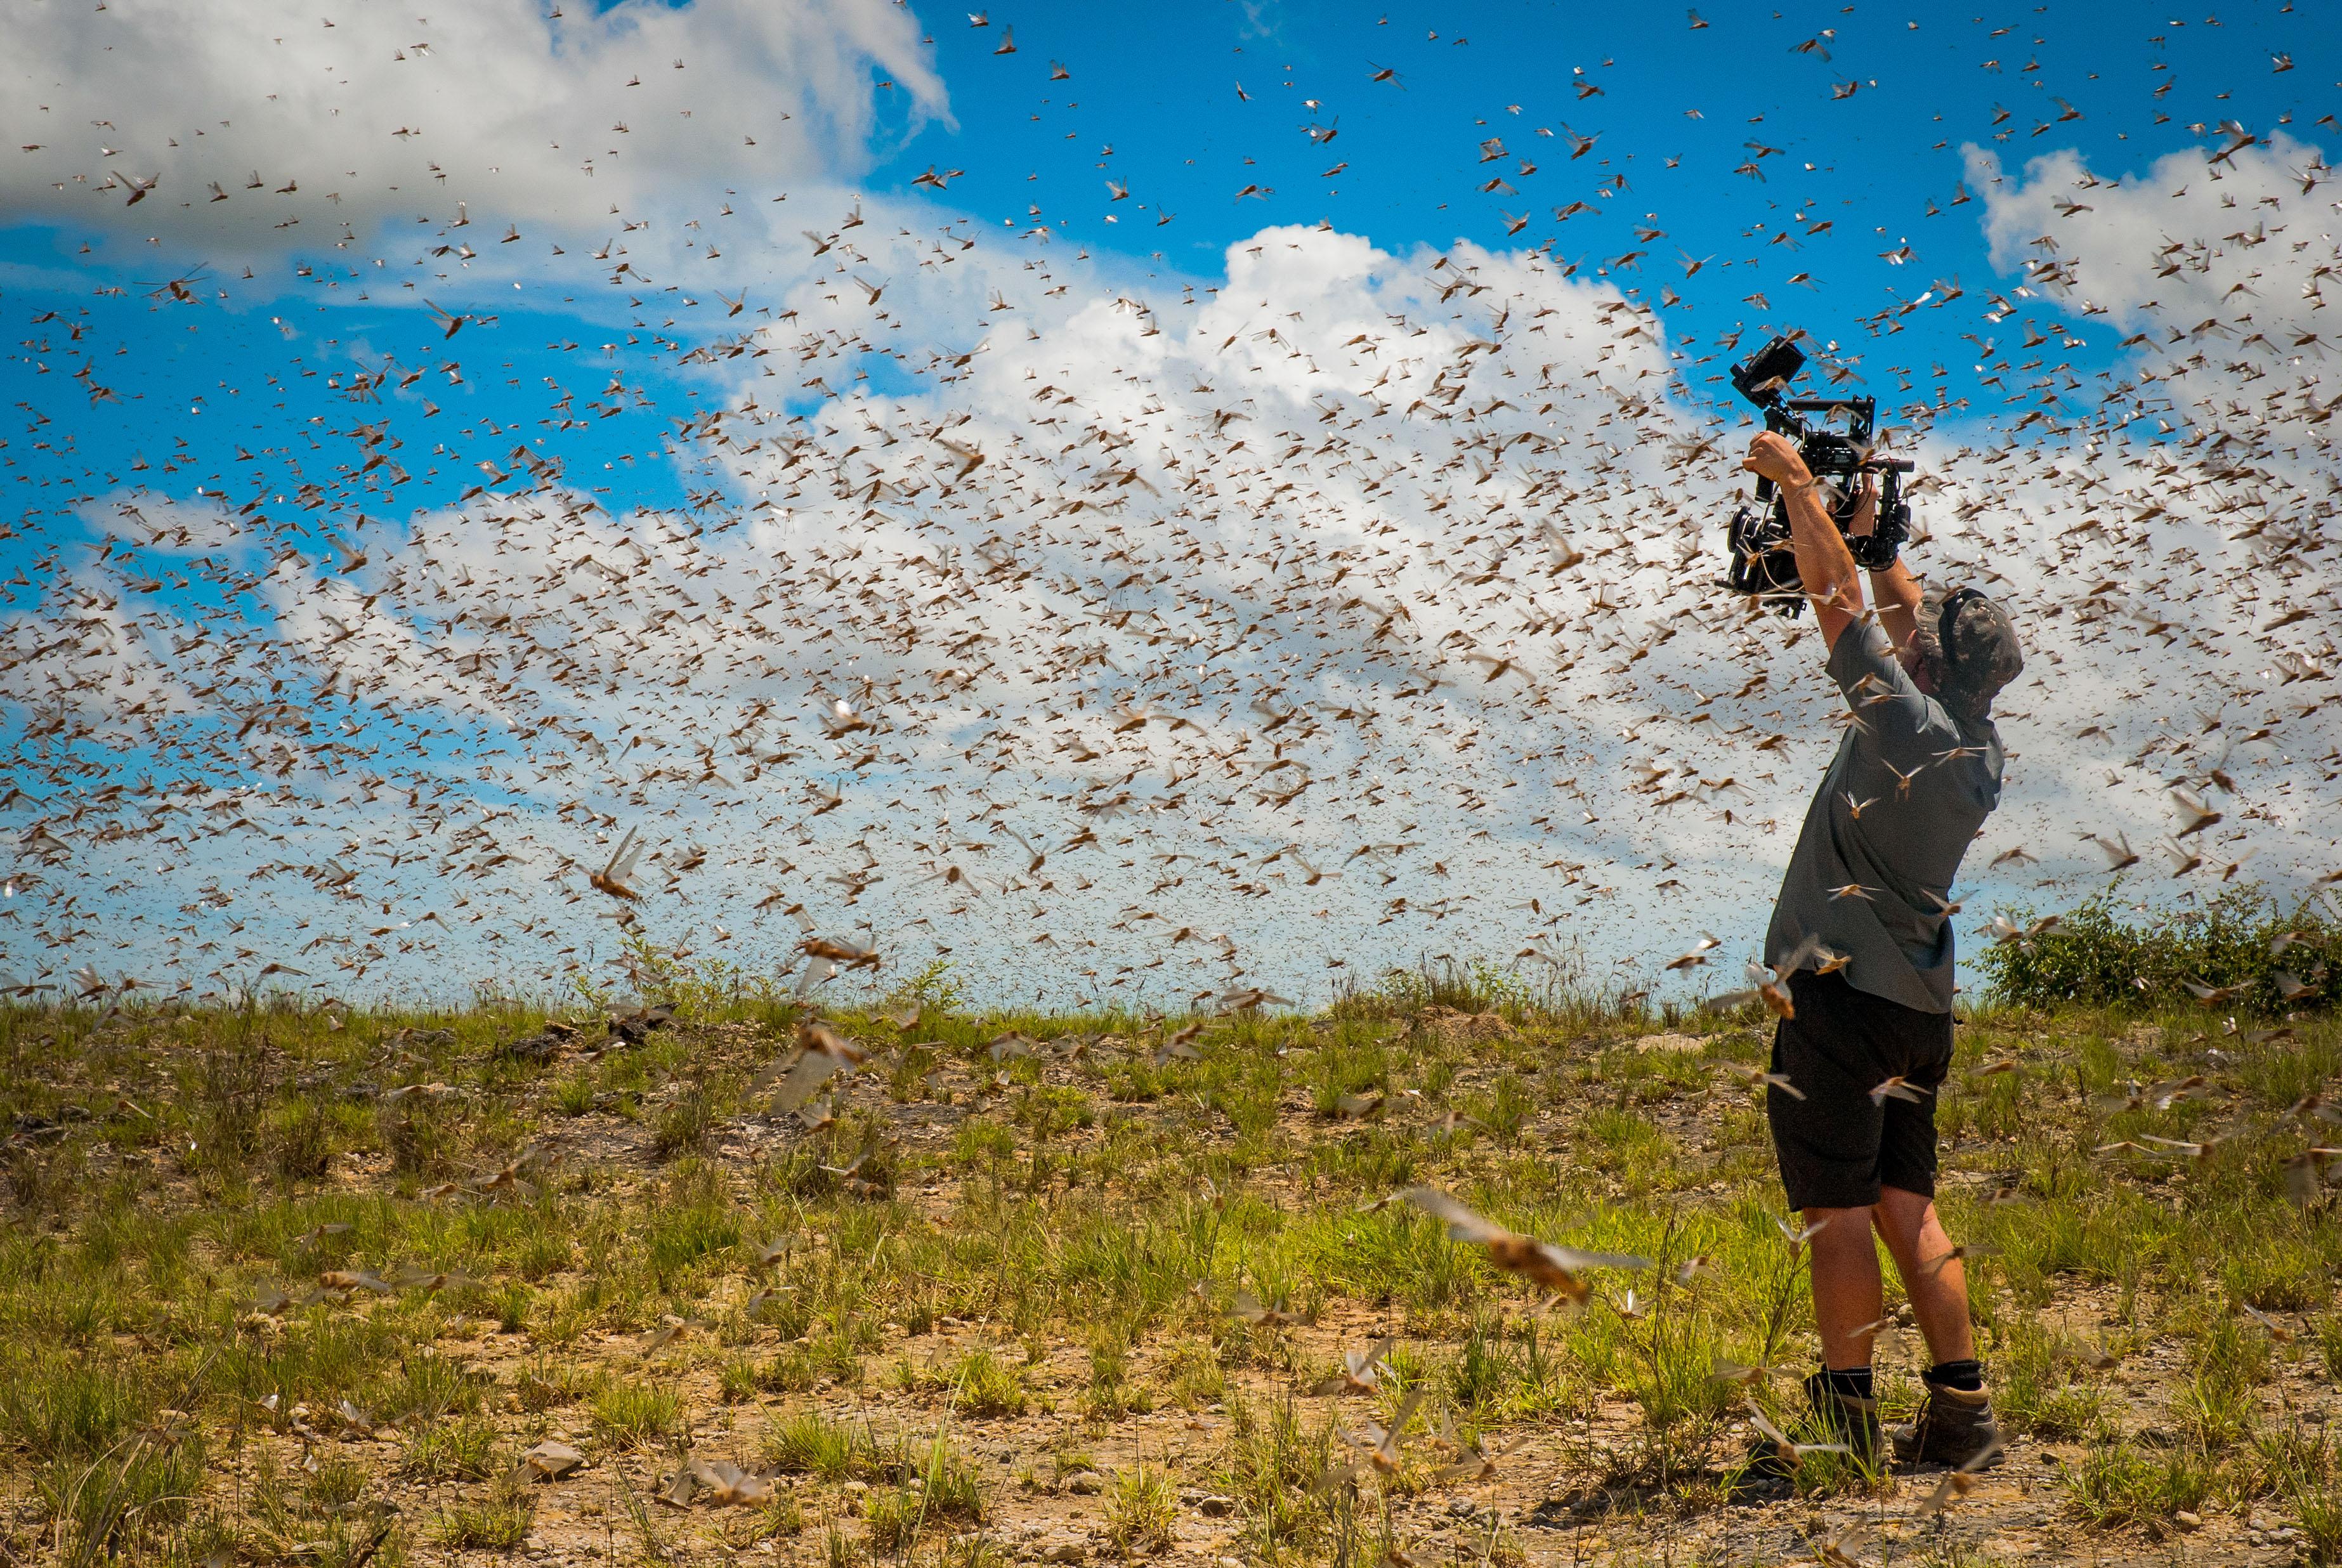 Cameraman filming swarm of locusts